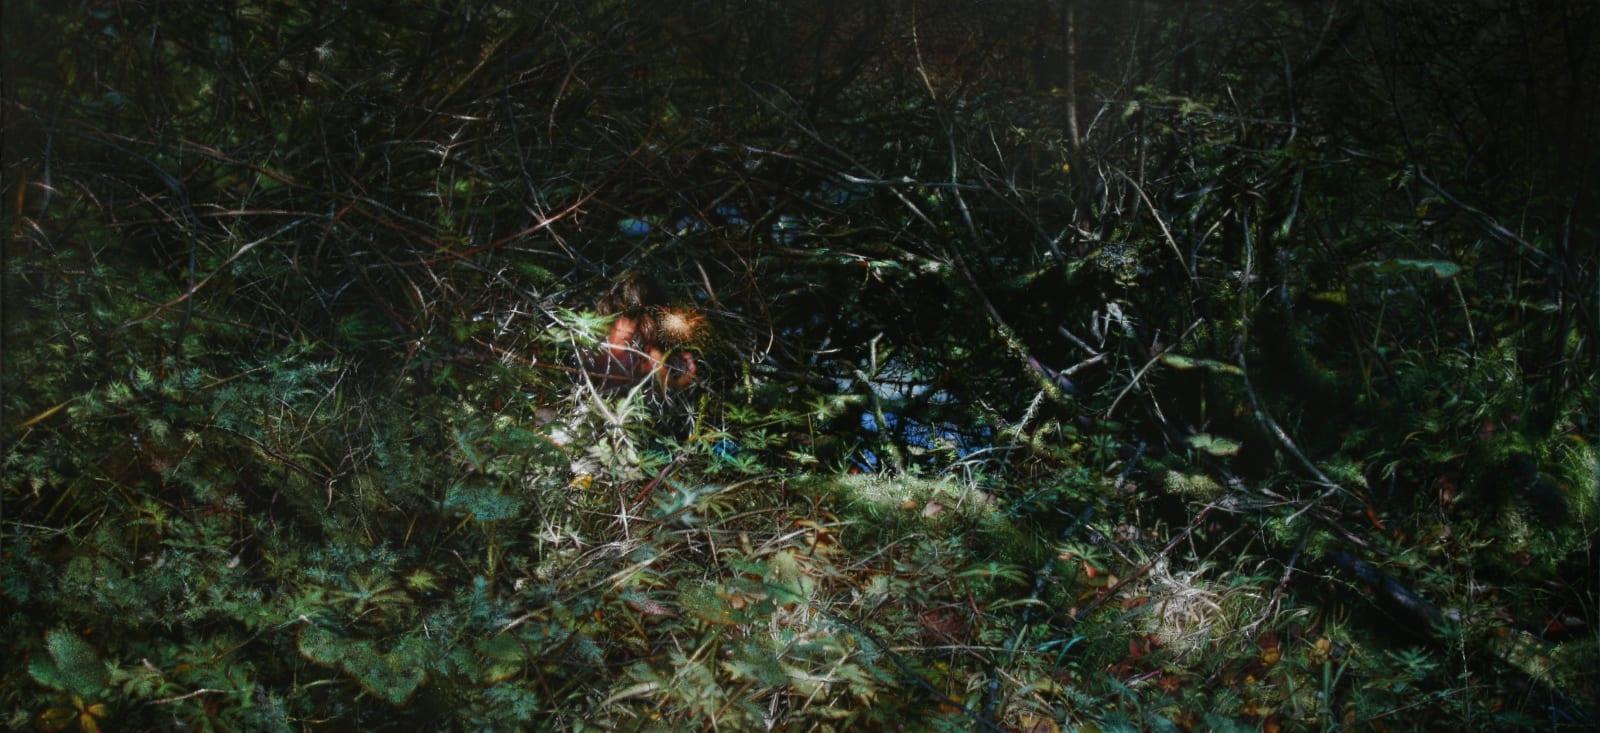 Jiang Chuan 姜川, Tangled 照亮的只有周身的荆棘, 2013